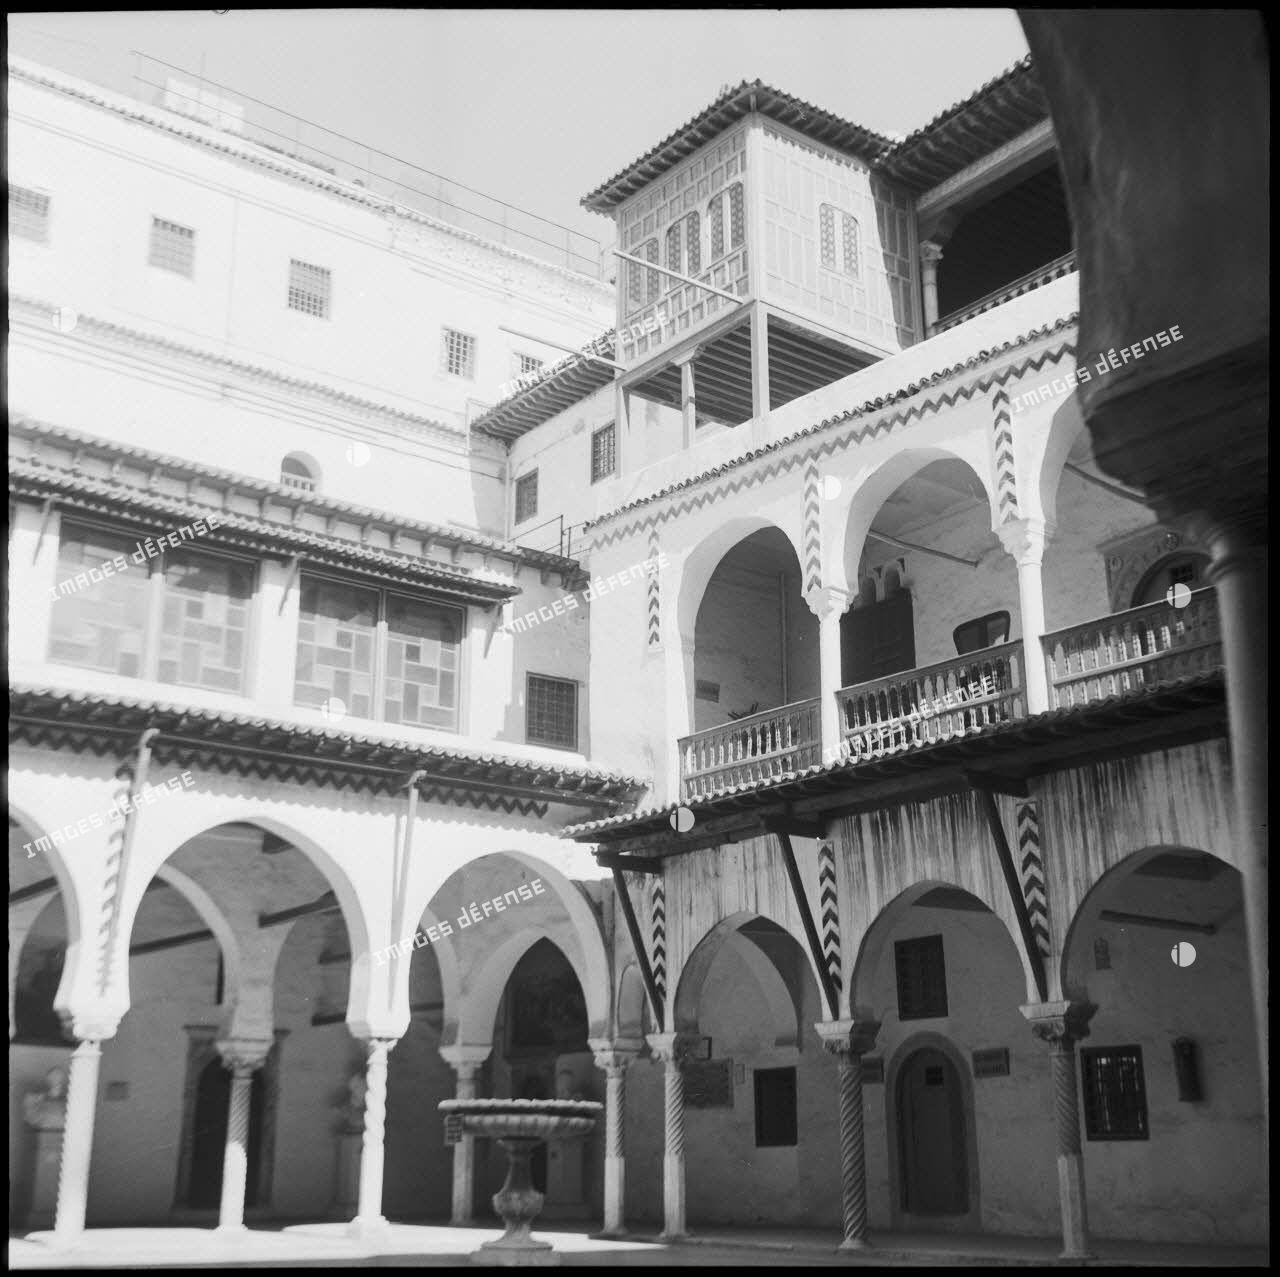 Vue de la cour intérieure d'un palais d'inspiration mauresque.